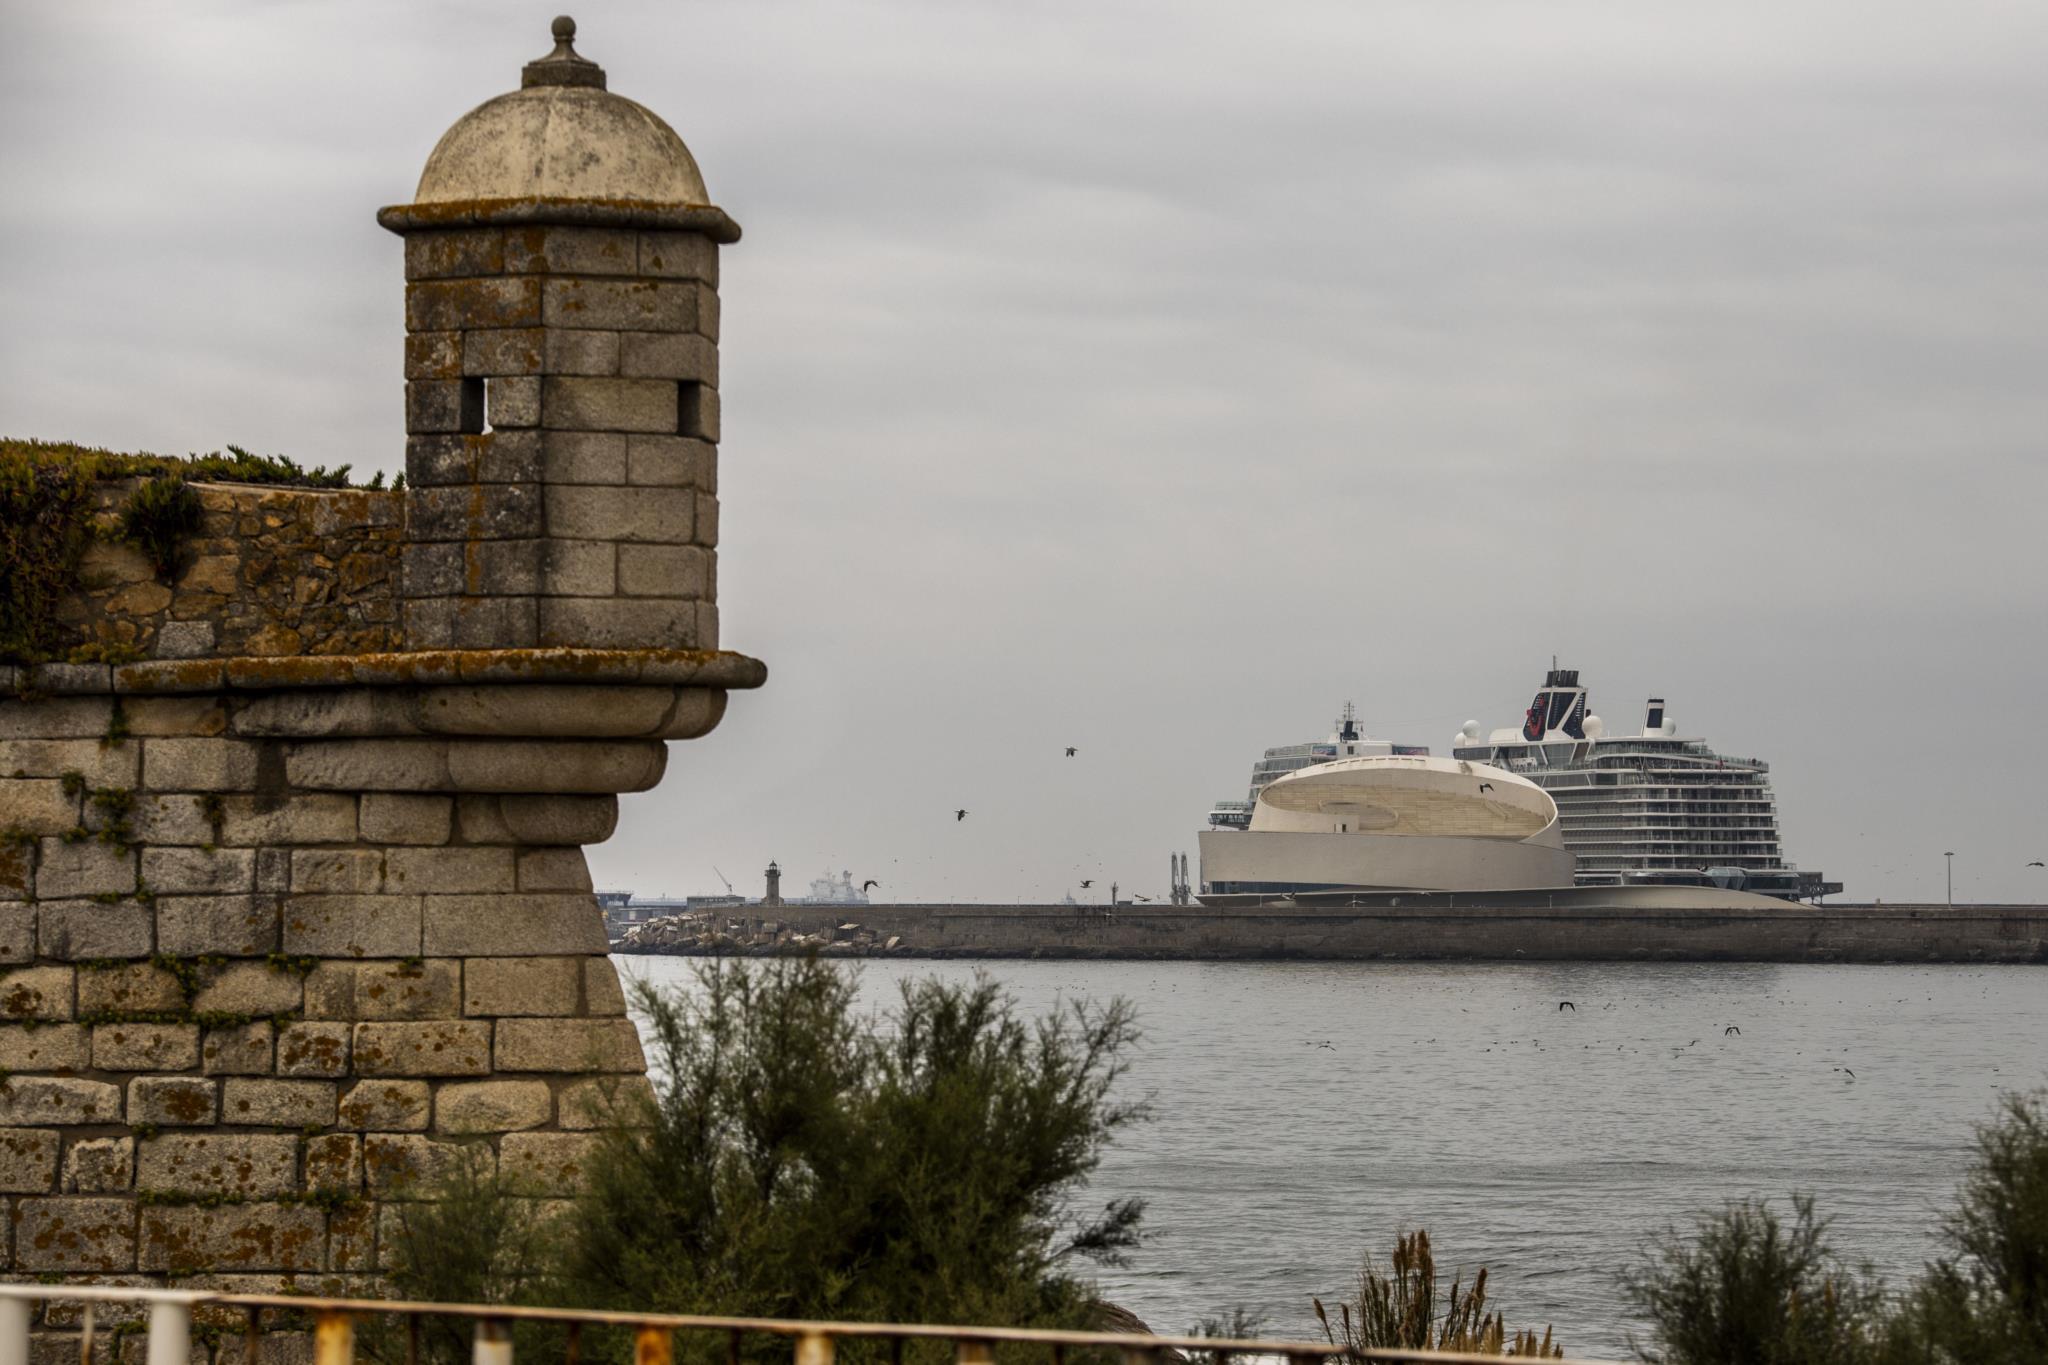 Porto de Leixões recebe maior navio de sempre